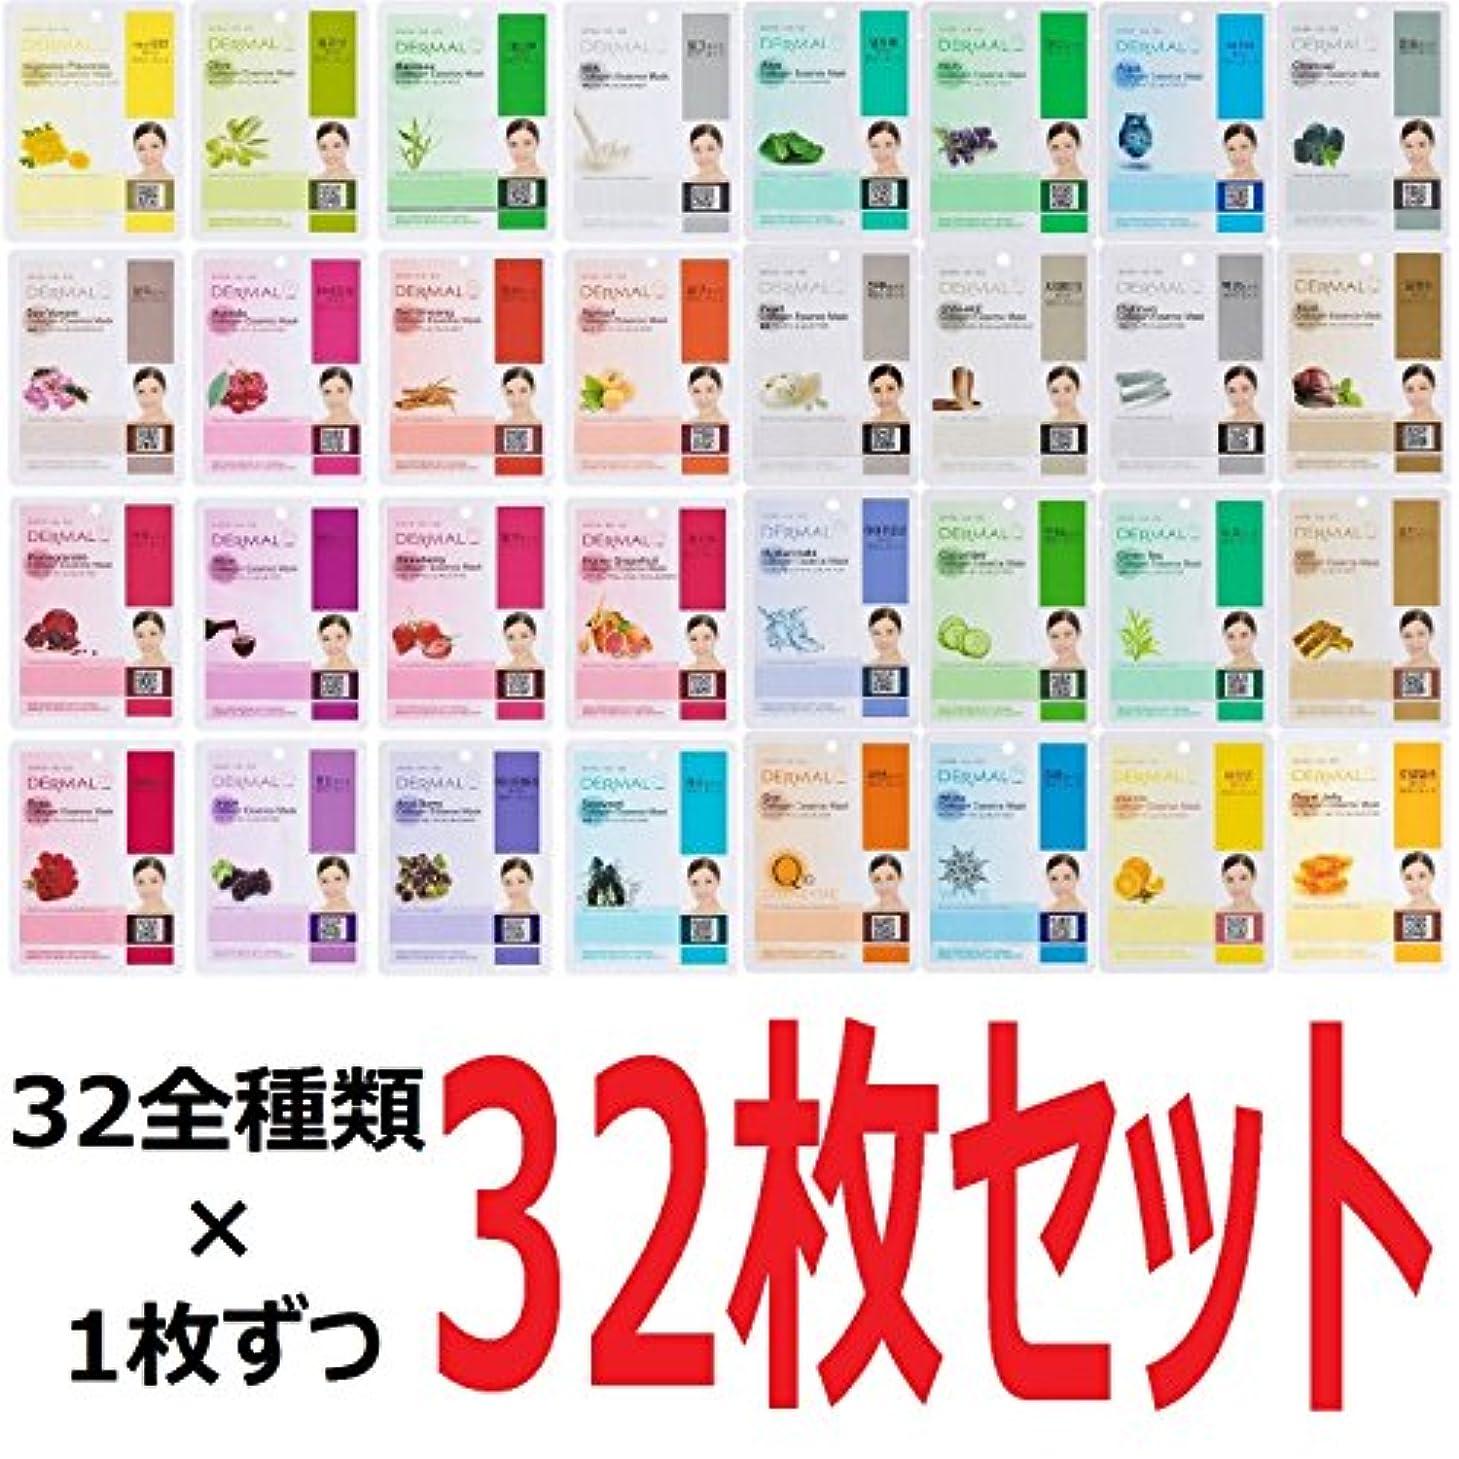 アブセイ行はずDERMAL(ダーマル) エッセンスマスク 32枚セット(32種全種類)/Essence Mask 32pcs [並行輸入品]